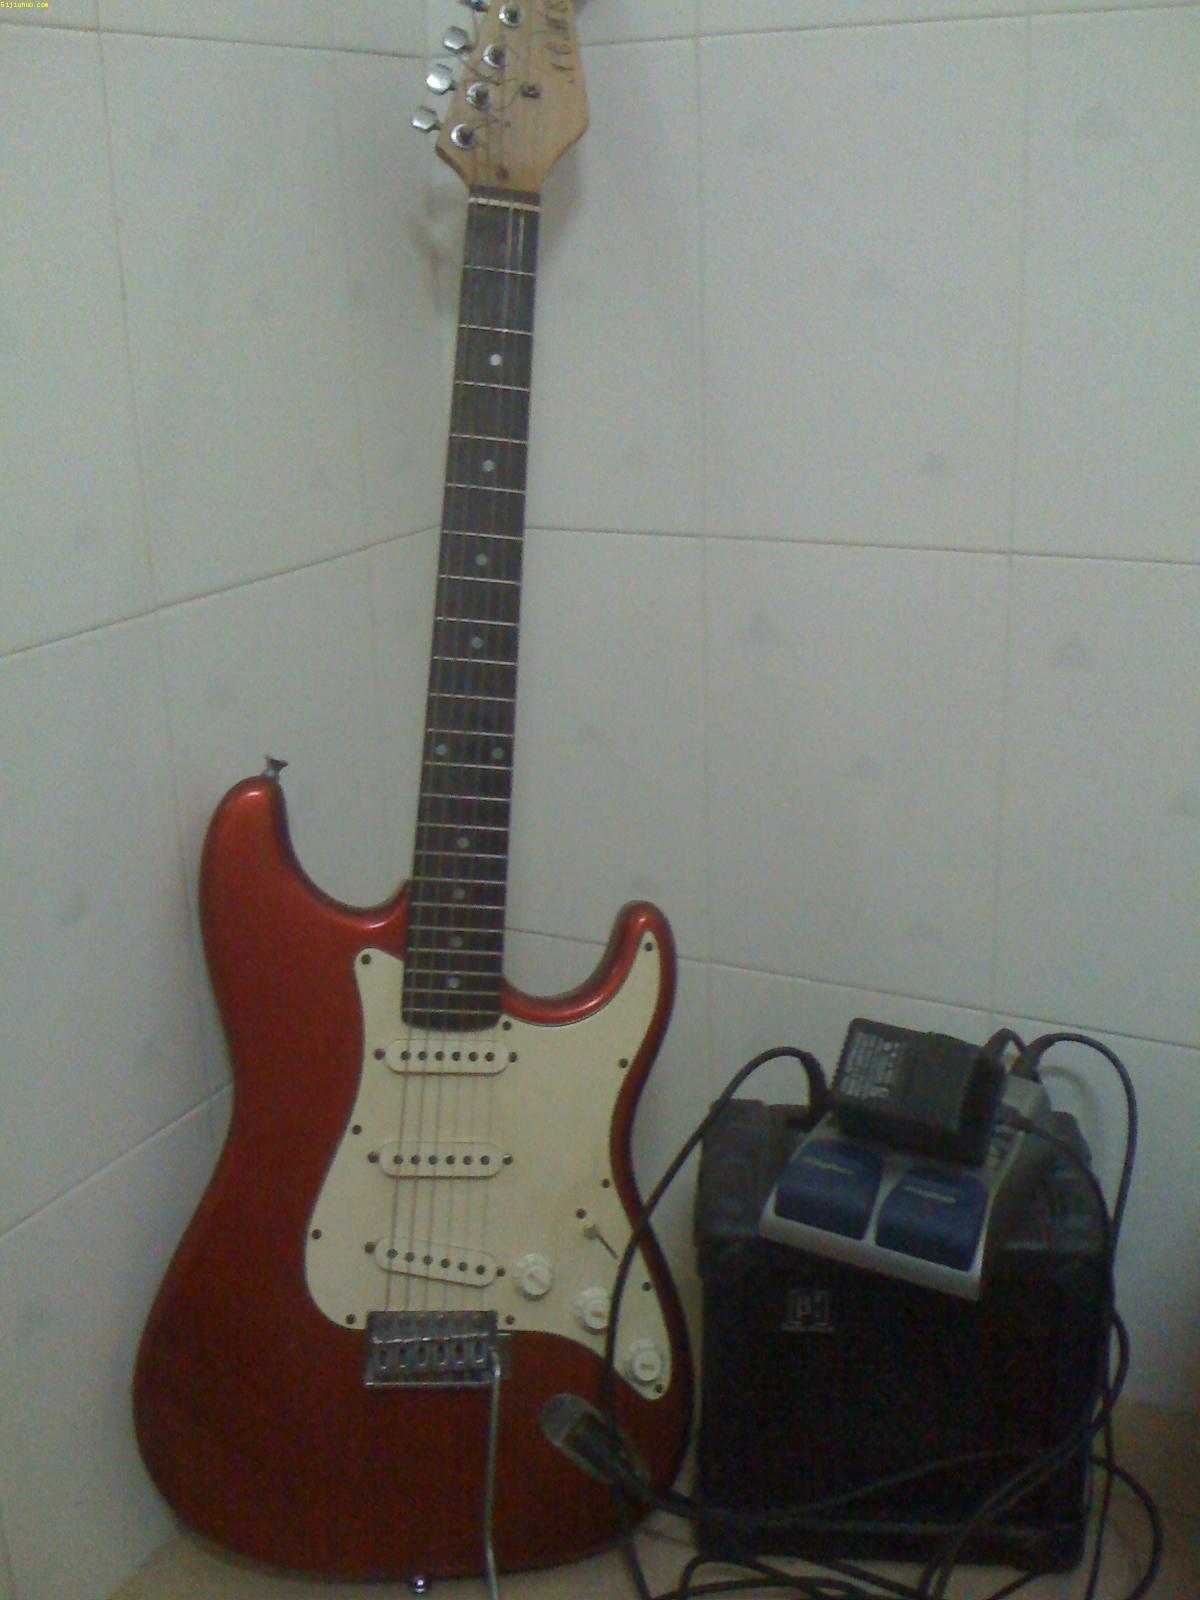 急转电吉他,效果器,塔斯瑞m6电吉他音箱完美一套